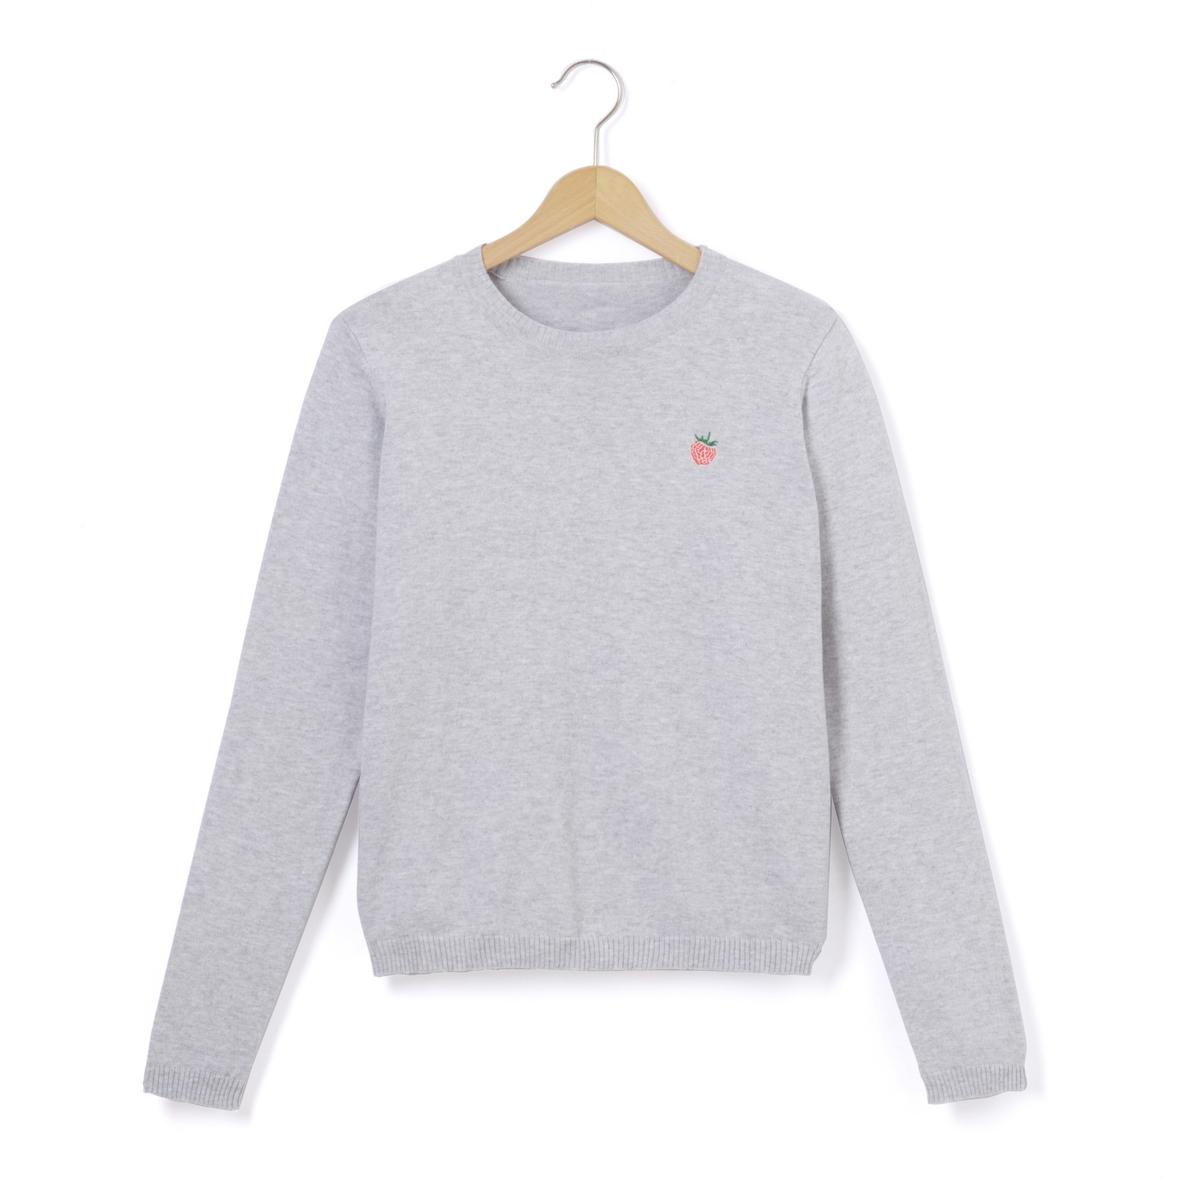 Пуловер укороченный с вышивкой на груди, 10-16 лет